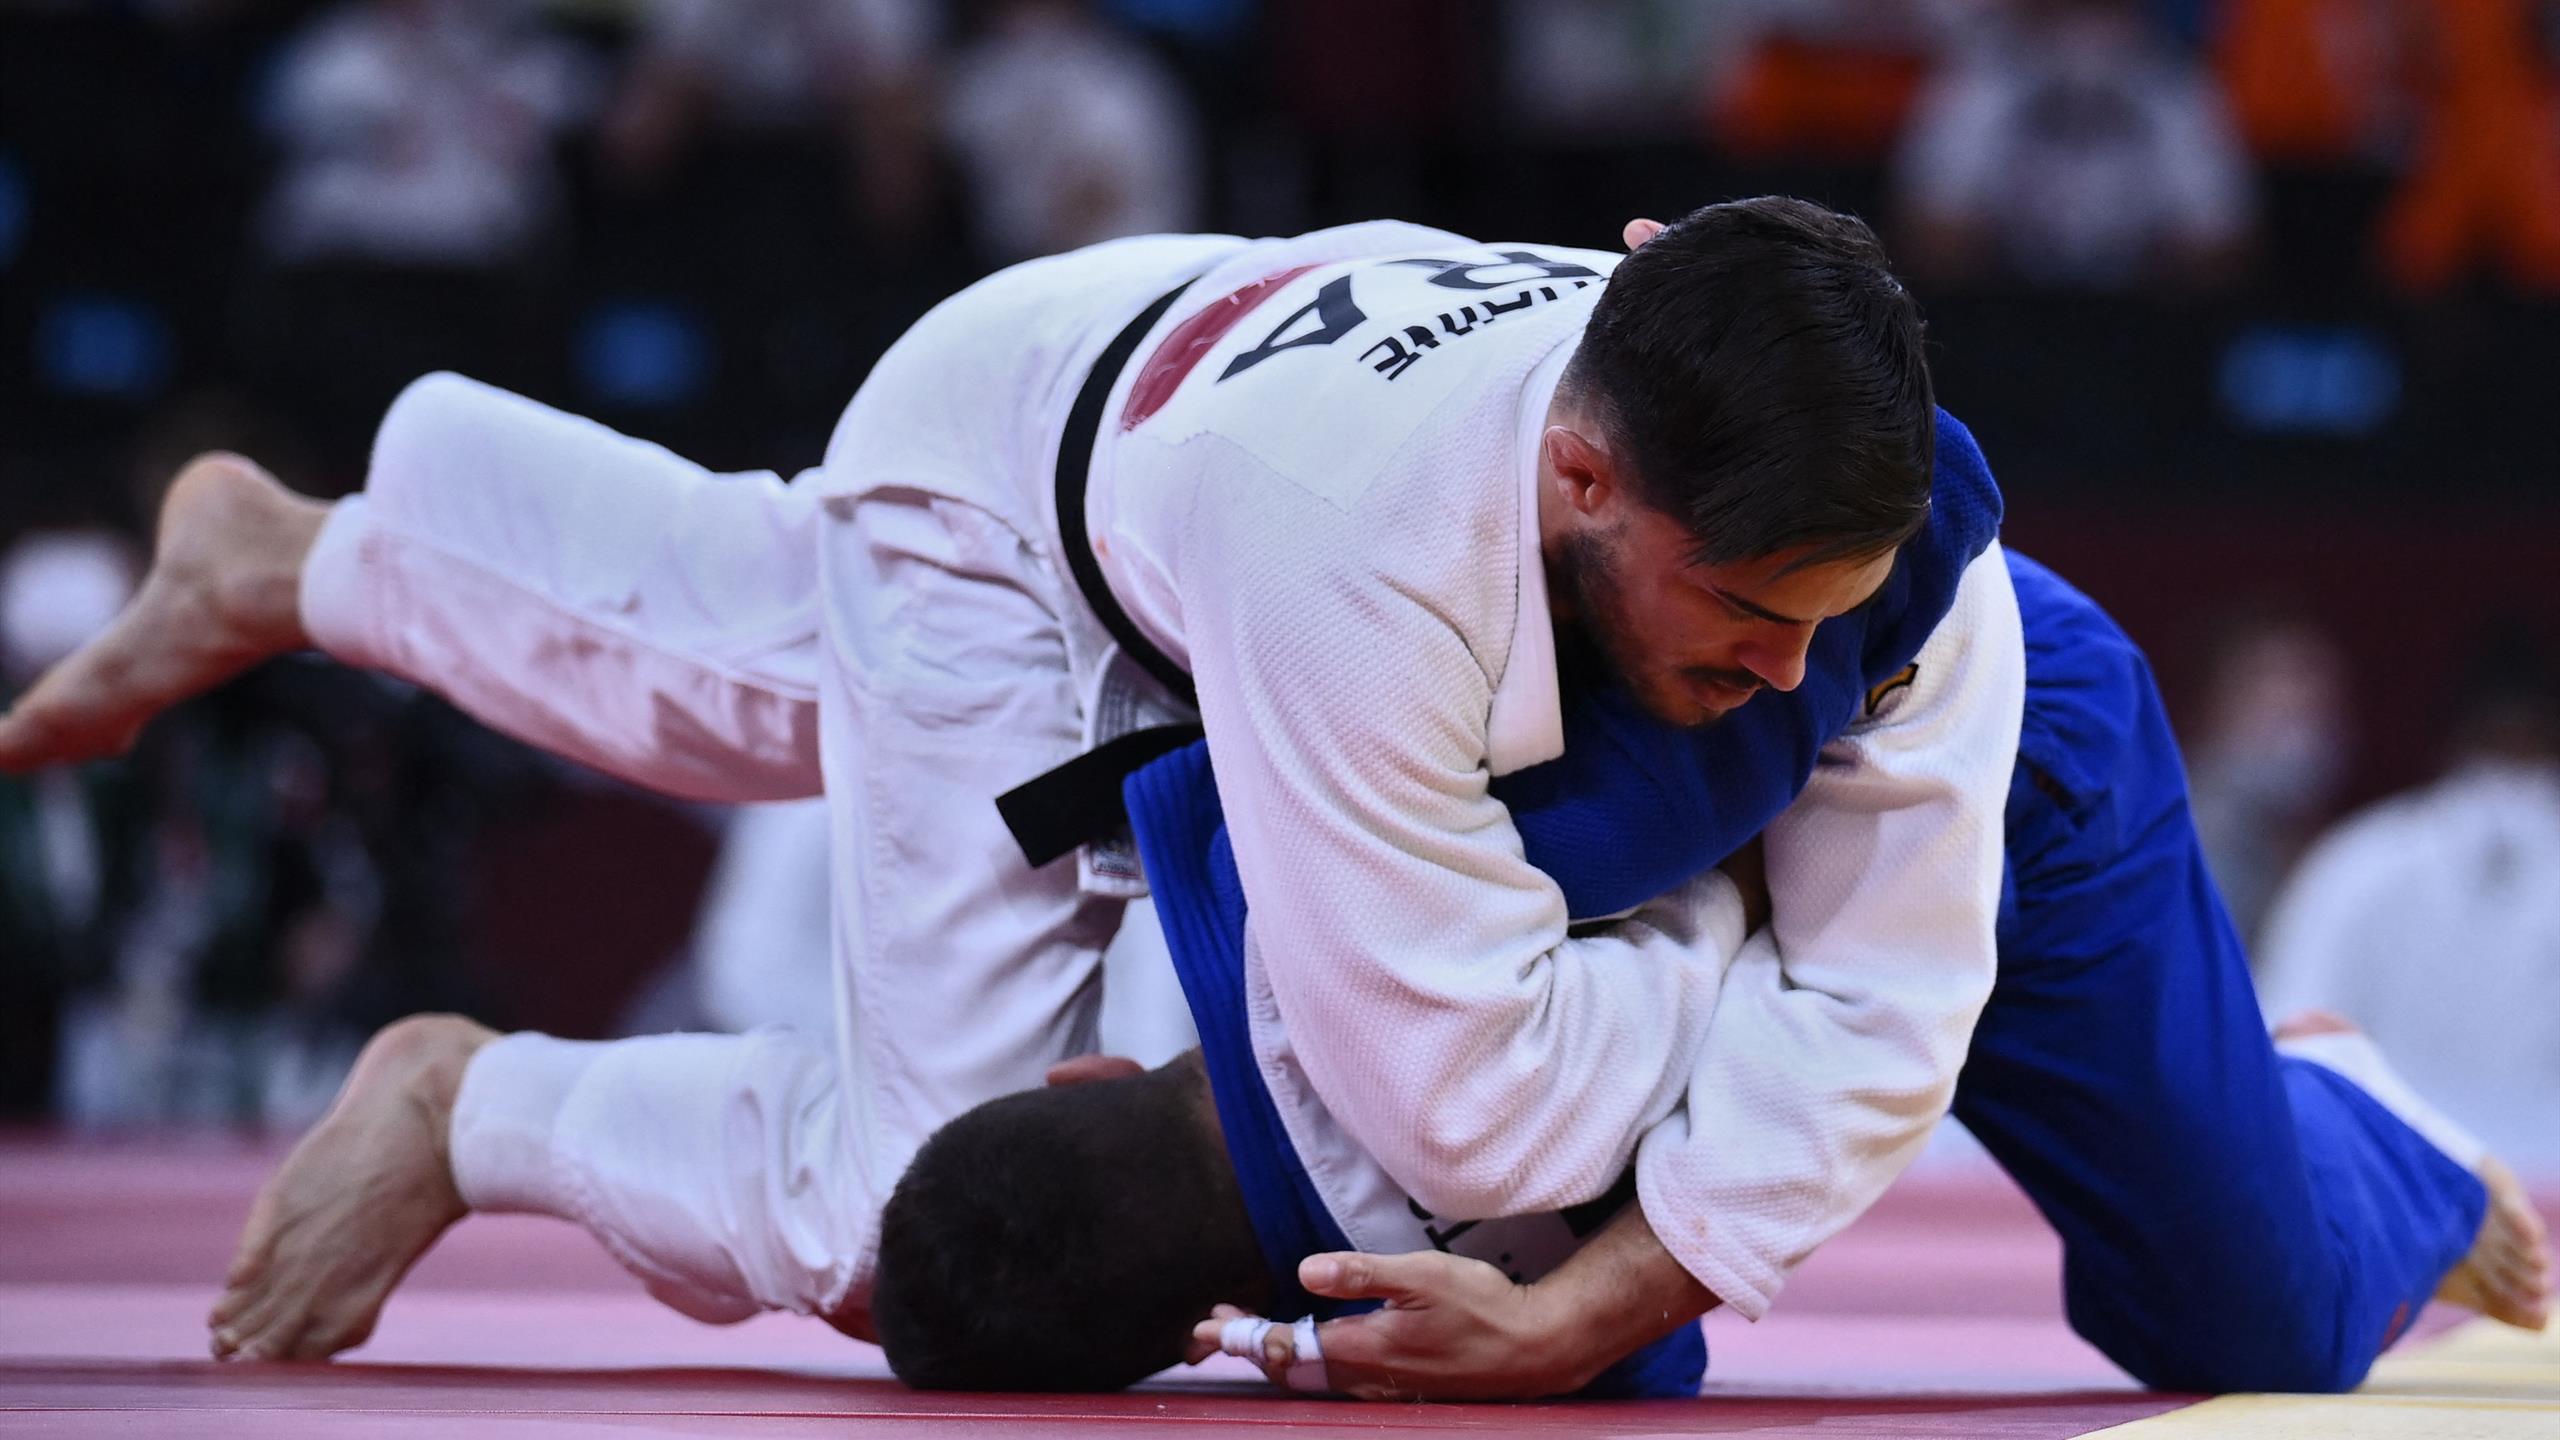 Horaires, dates, engagés, les Français : toutes les informations sur le Grand Slam de Paris de judo thumbnail